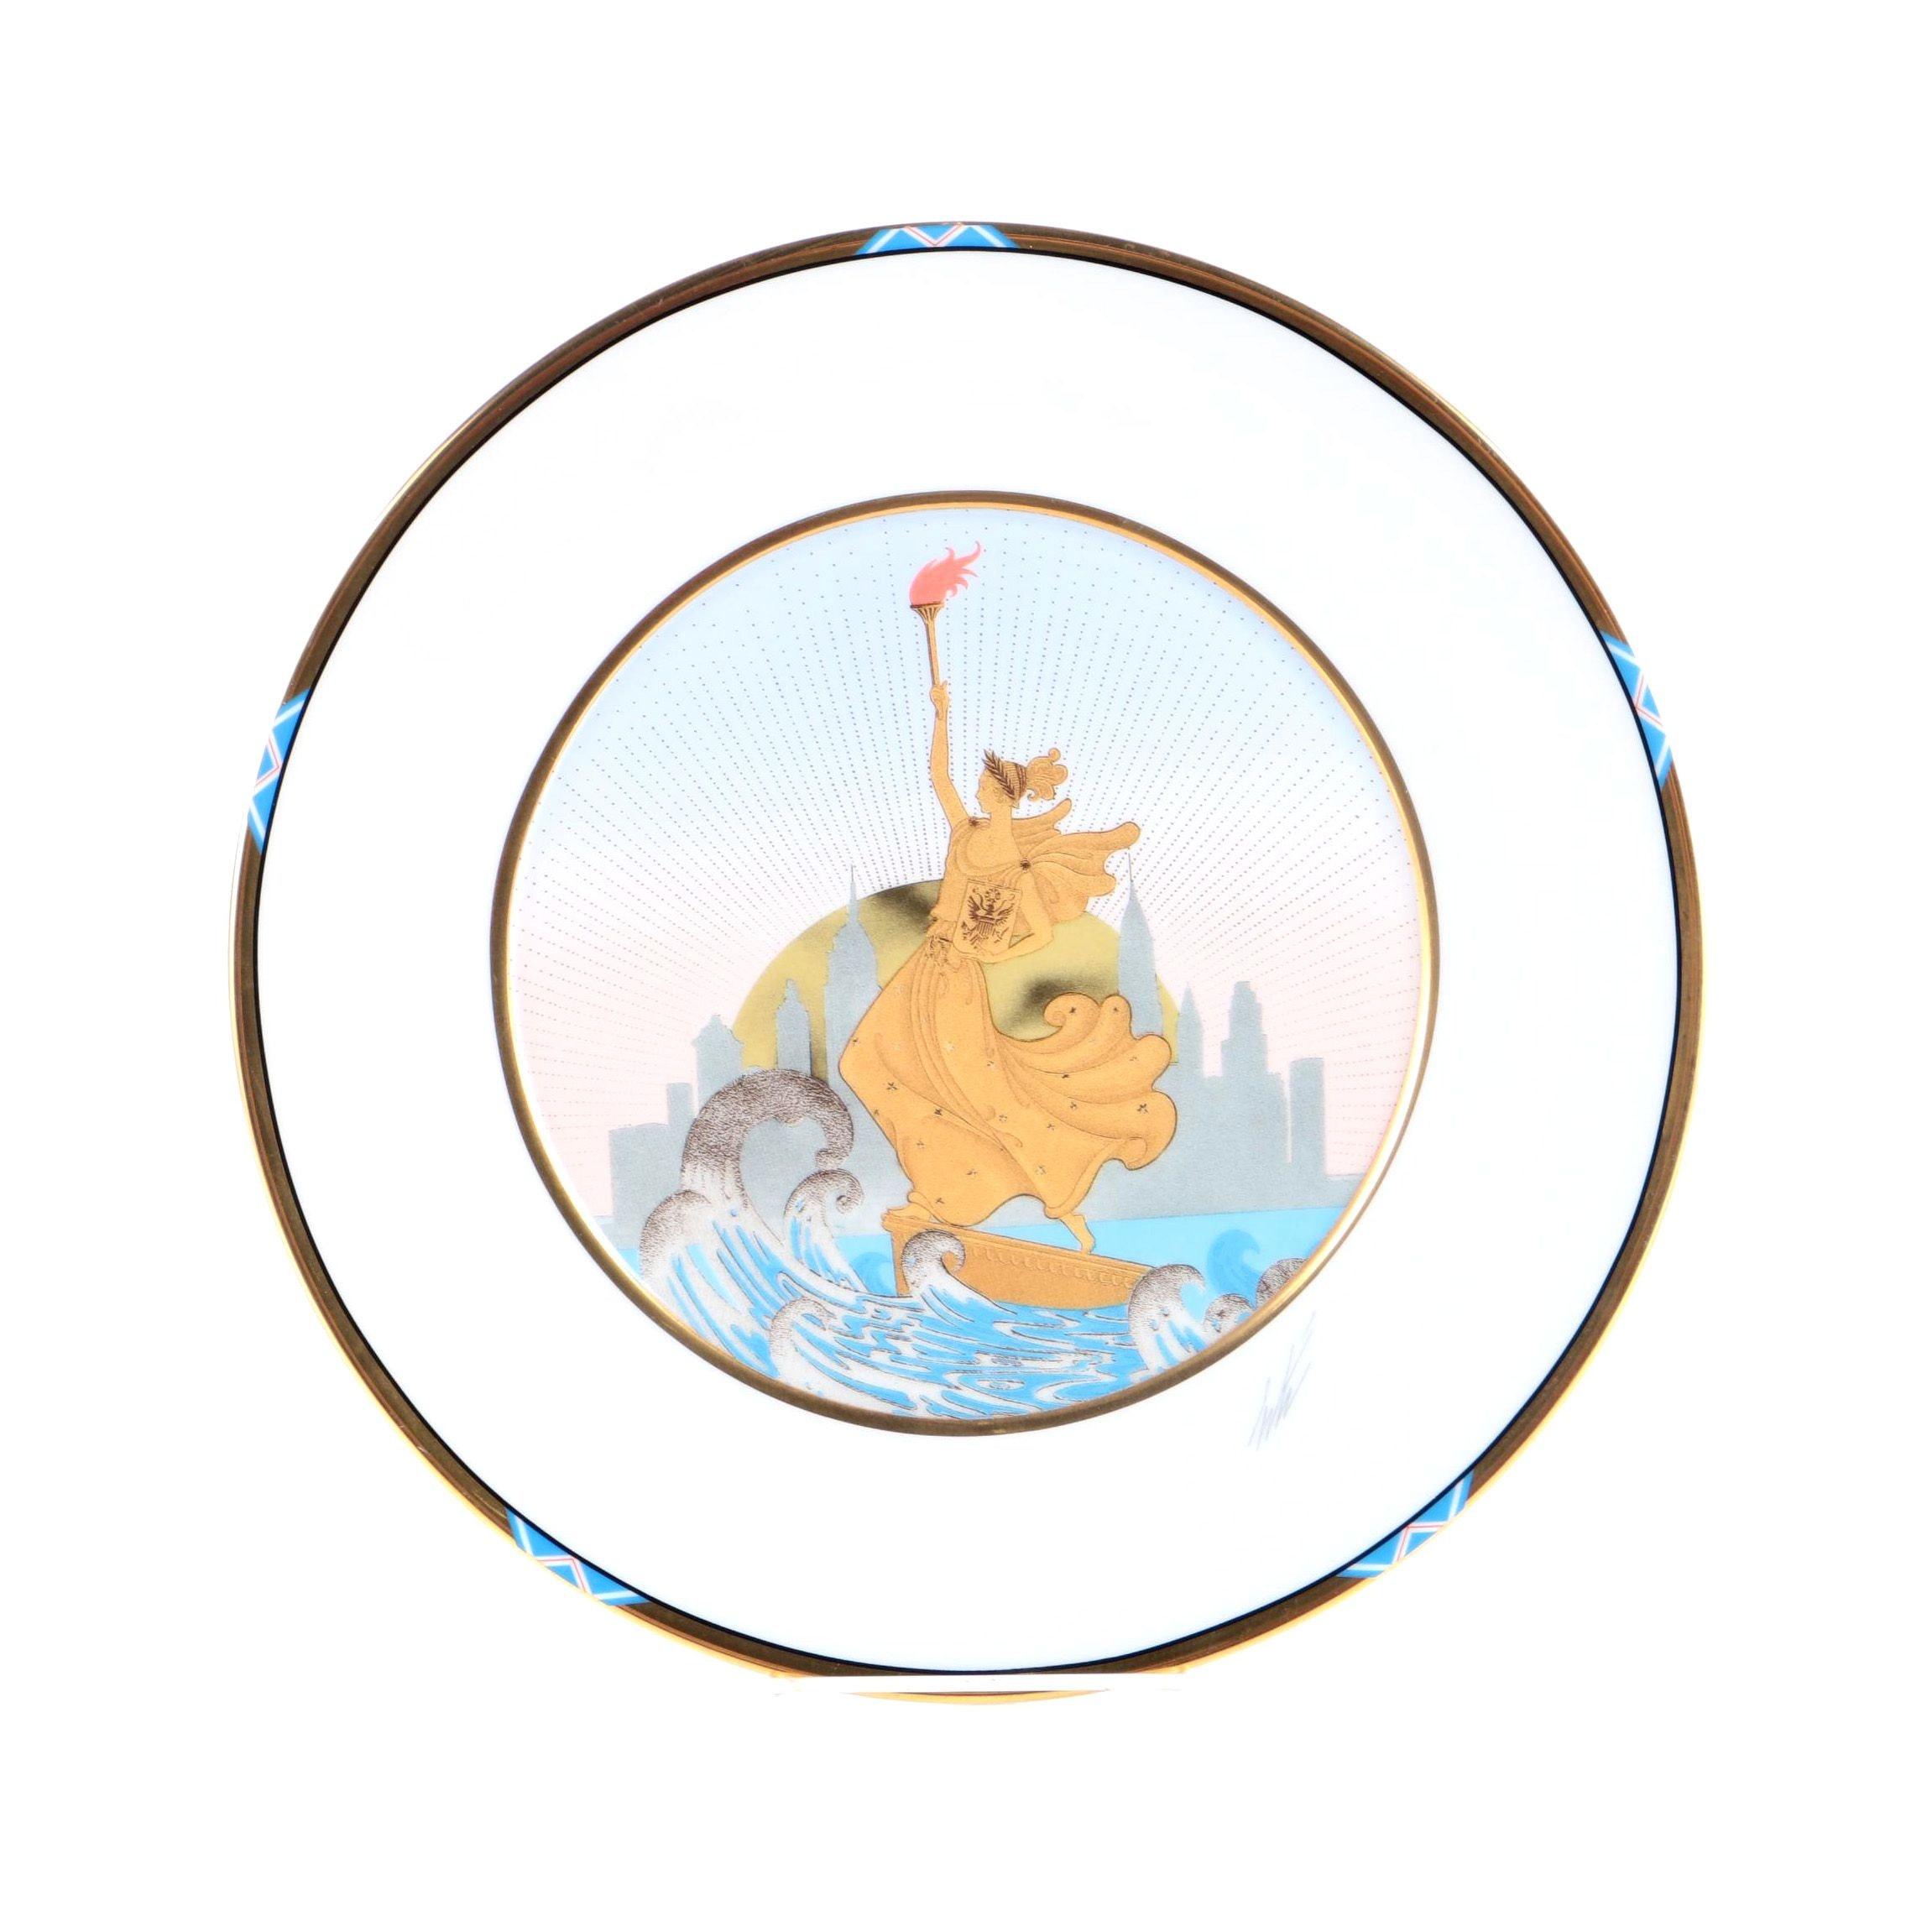 """Erte Sevenarts Limited Porcelain Plate After """"Statue of Liberty"""""""